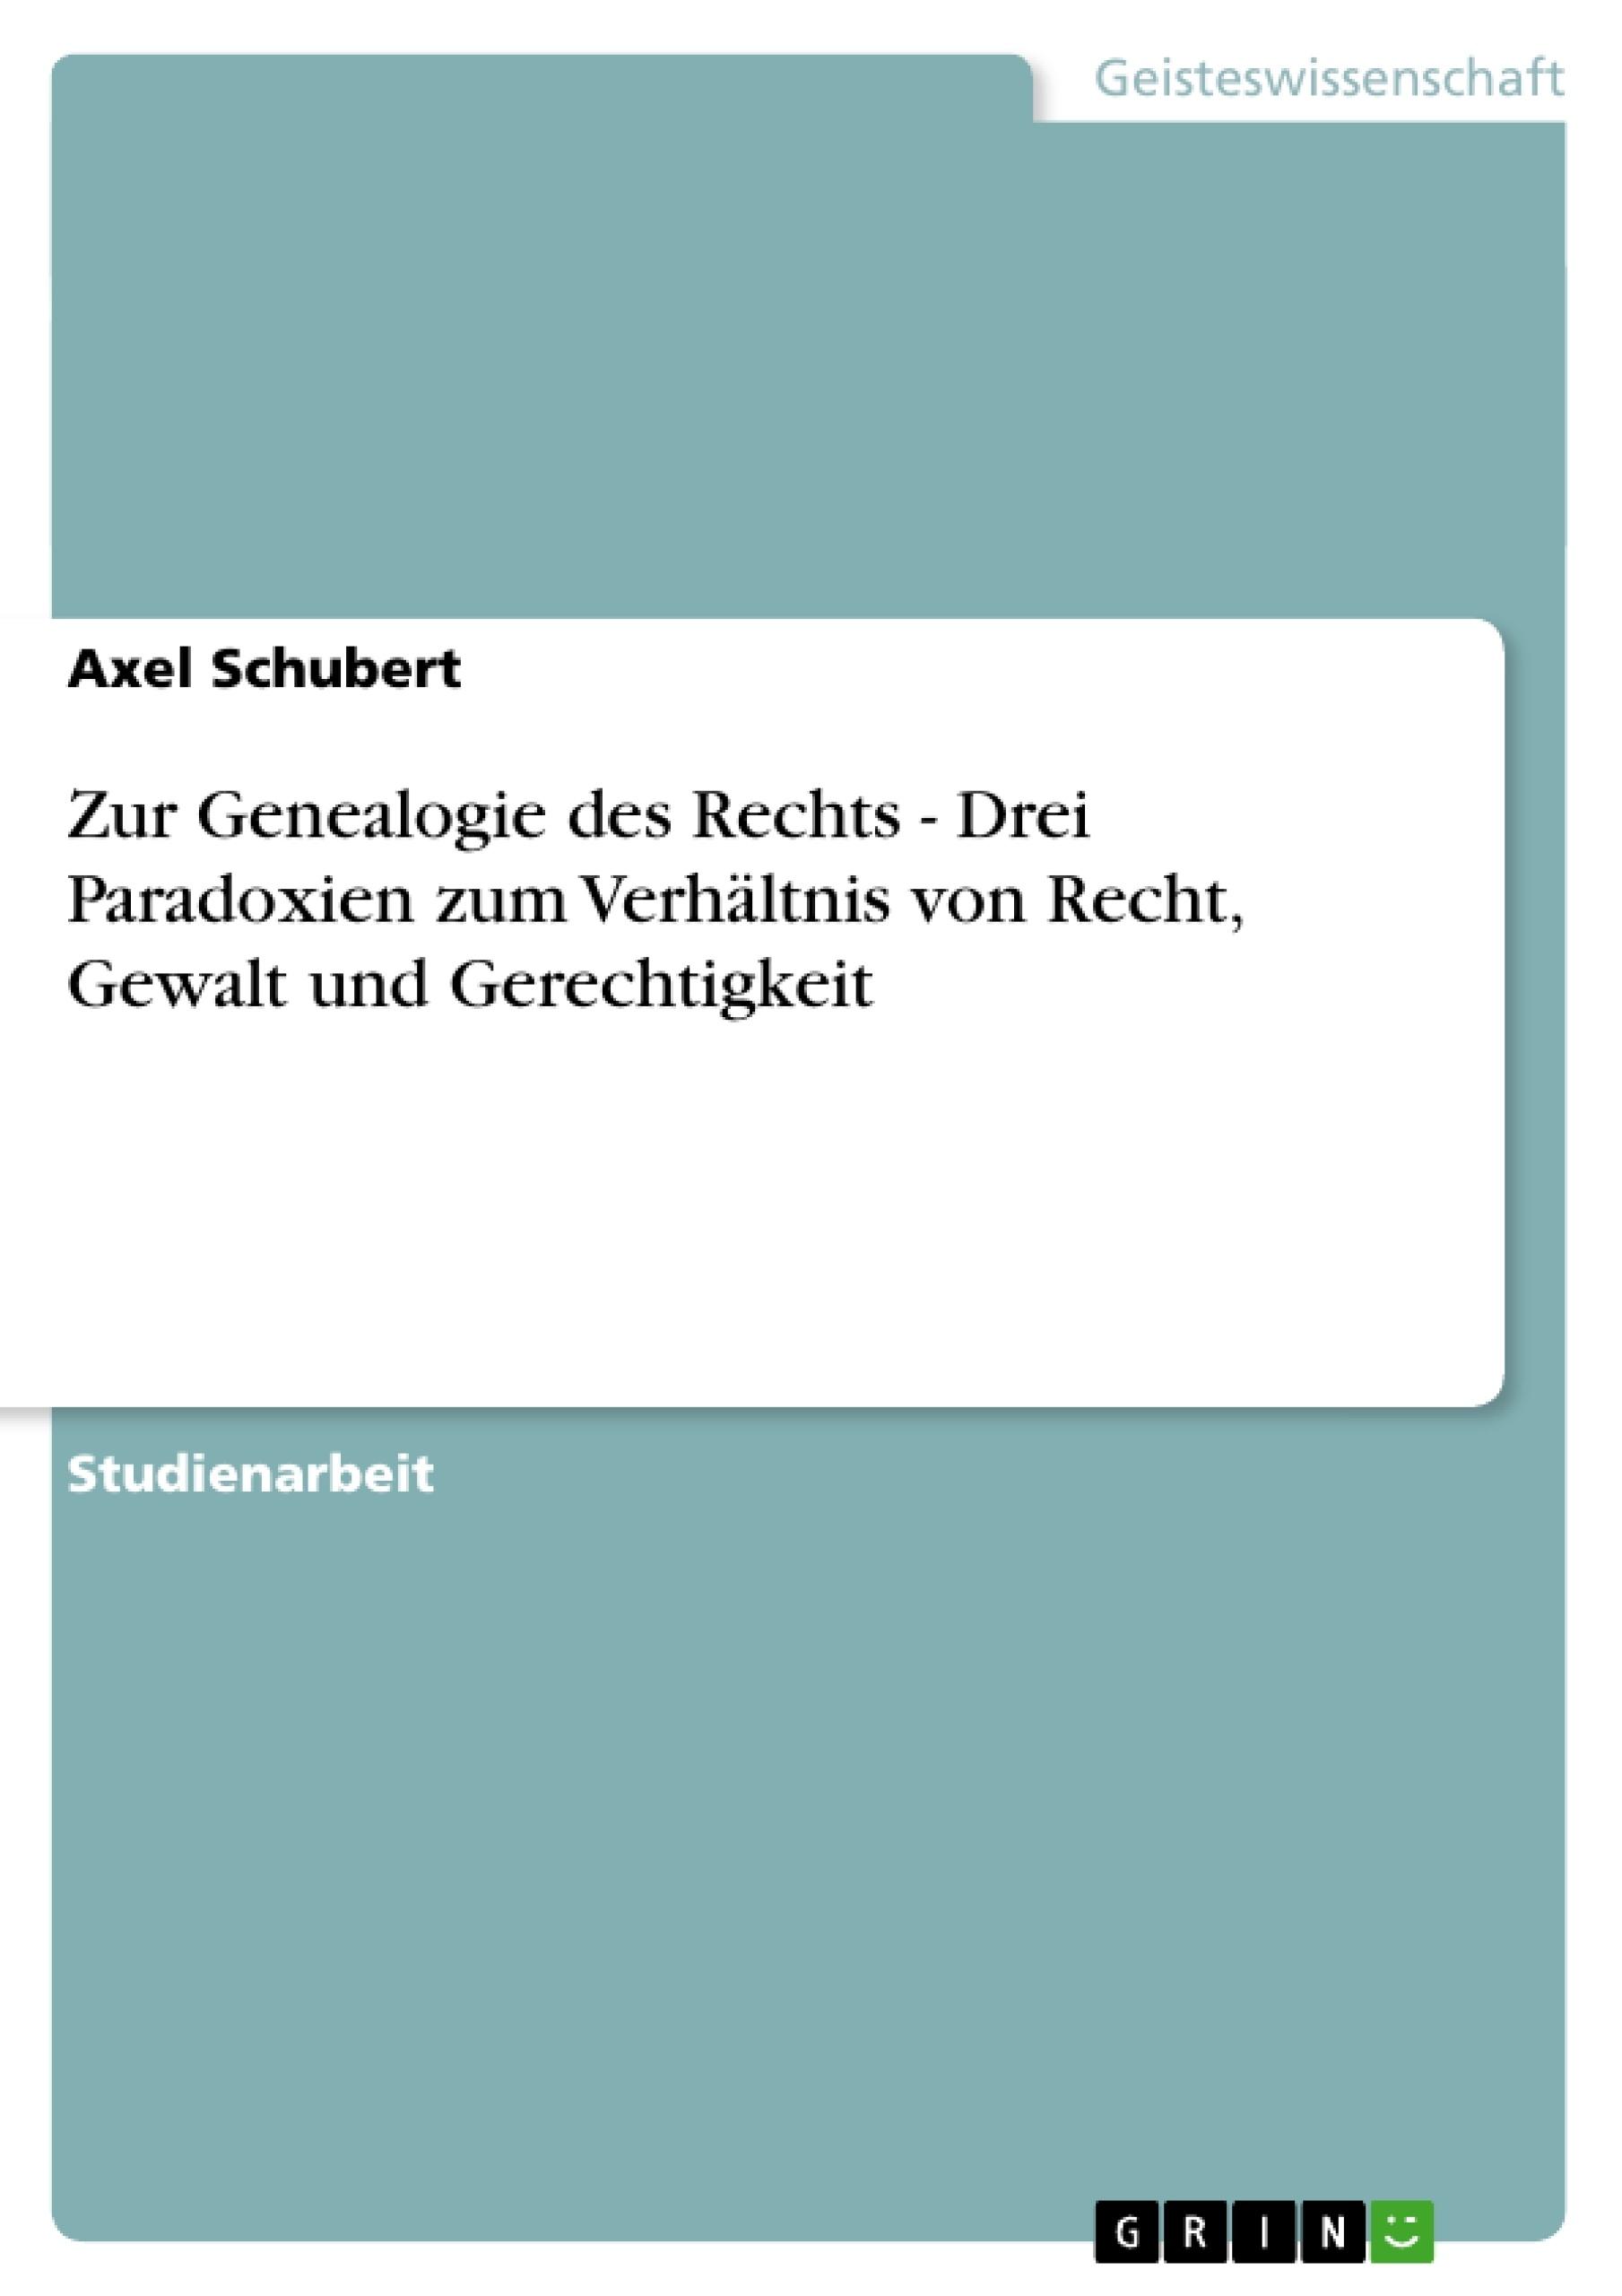 Titel: Zur Genealogie des Rechts - Drei Paradoxien zum Verhältnis von Recht, Gewalt und Gerechtigkeit